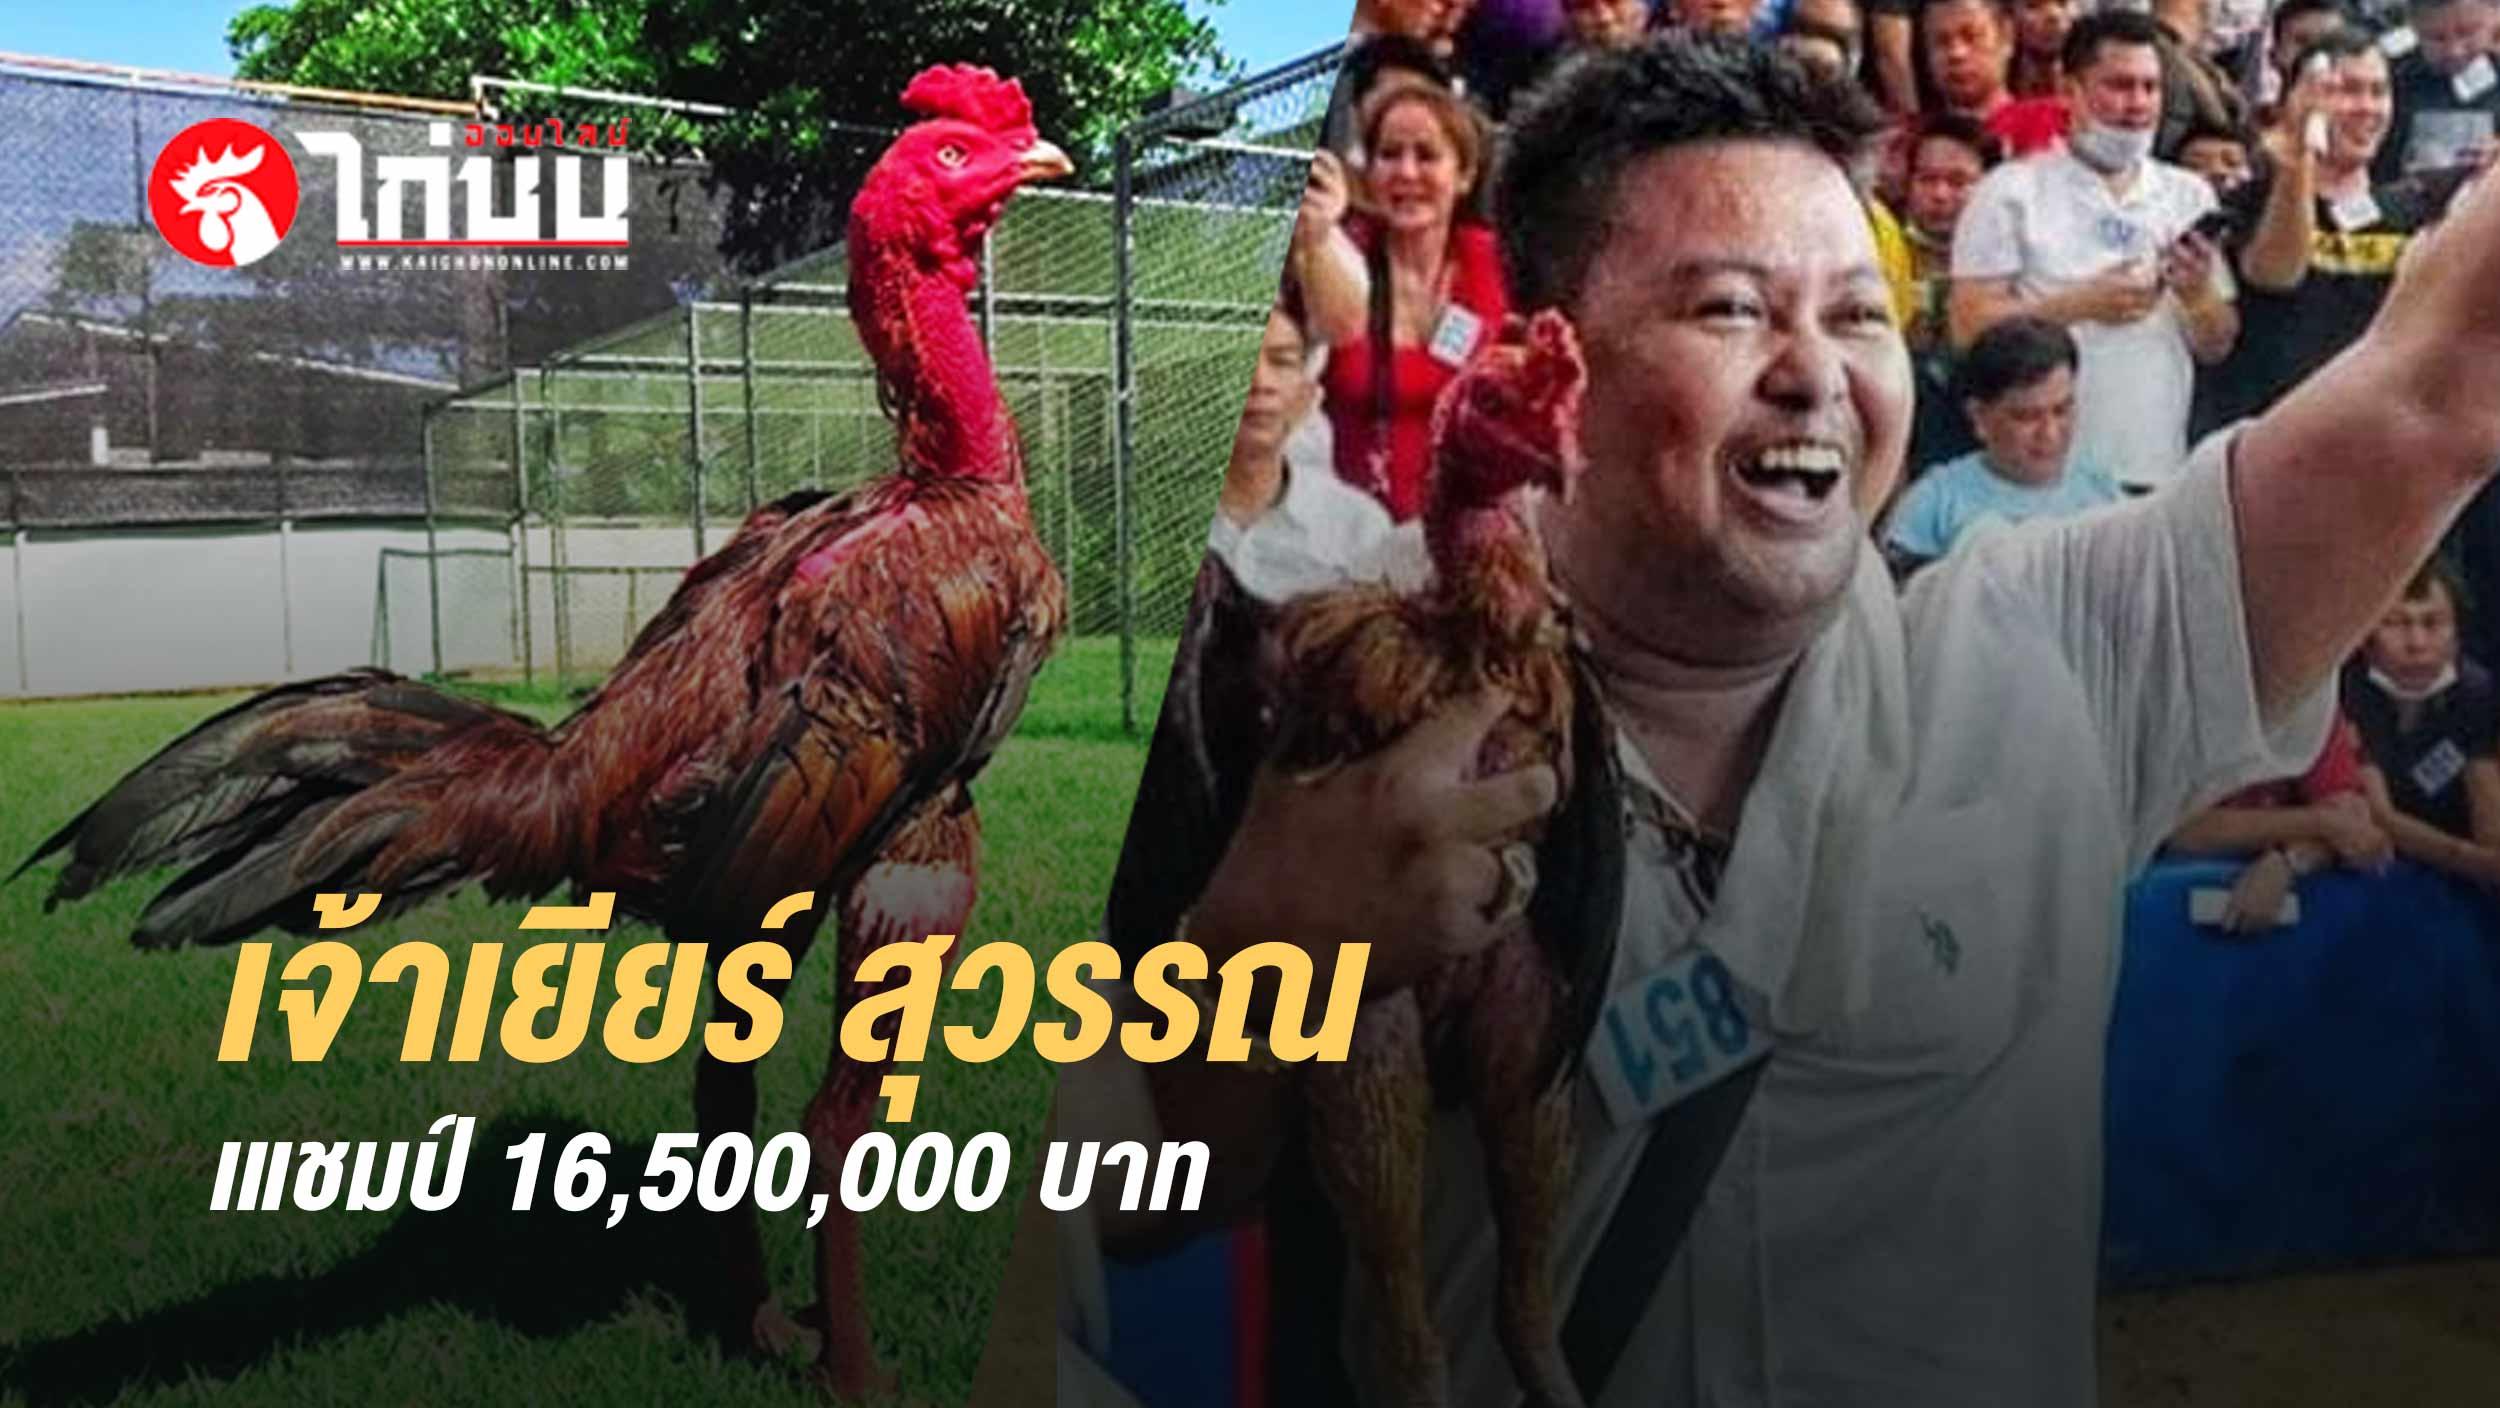 เจ้าเยียร์สุวรรณ  ซุ้ม ส.มีวรรณทีม แชมป์ 16,500,000 บาท